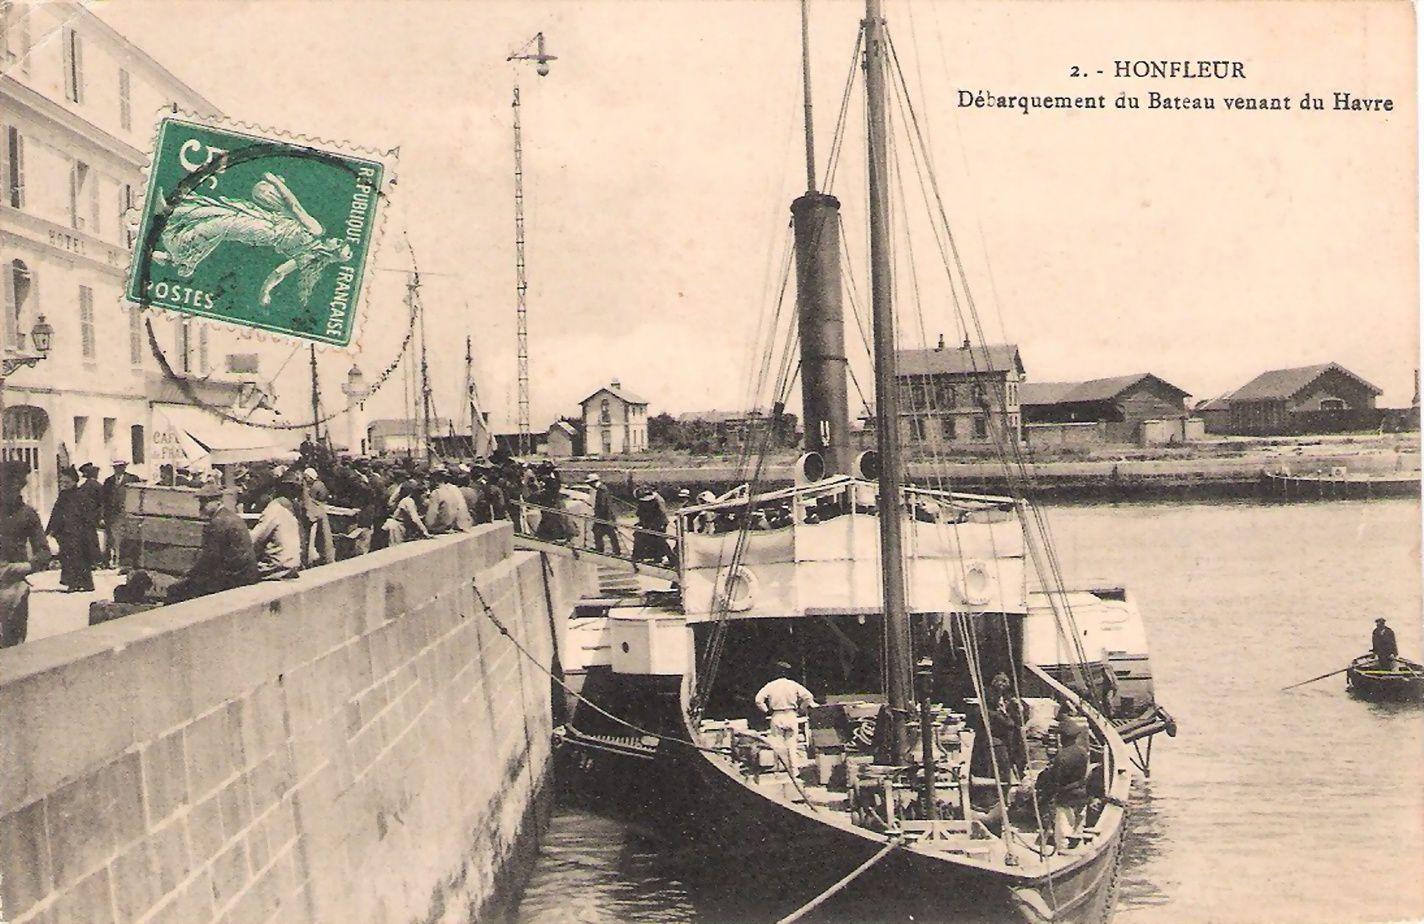 L'embarcadère à Honfleur